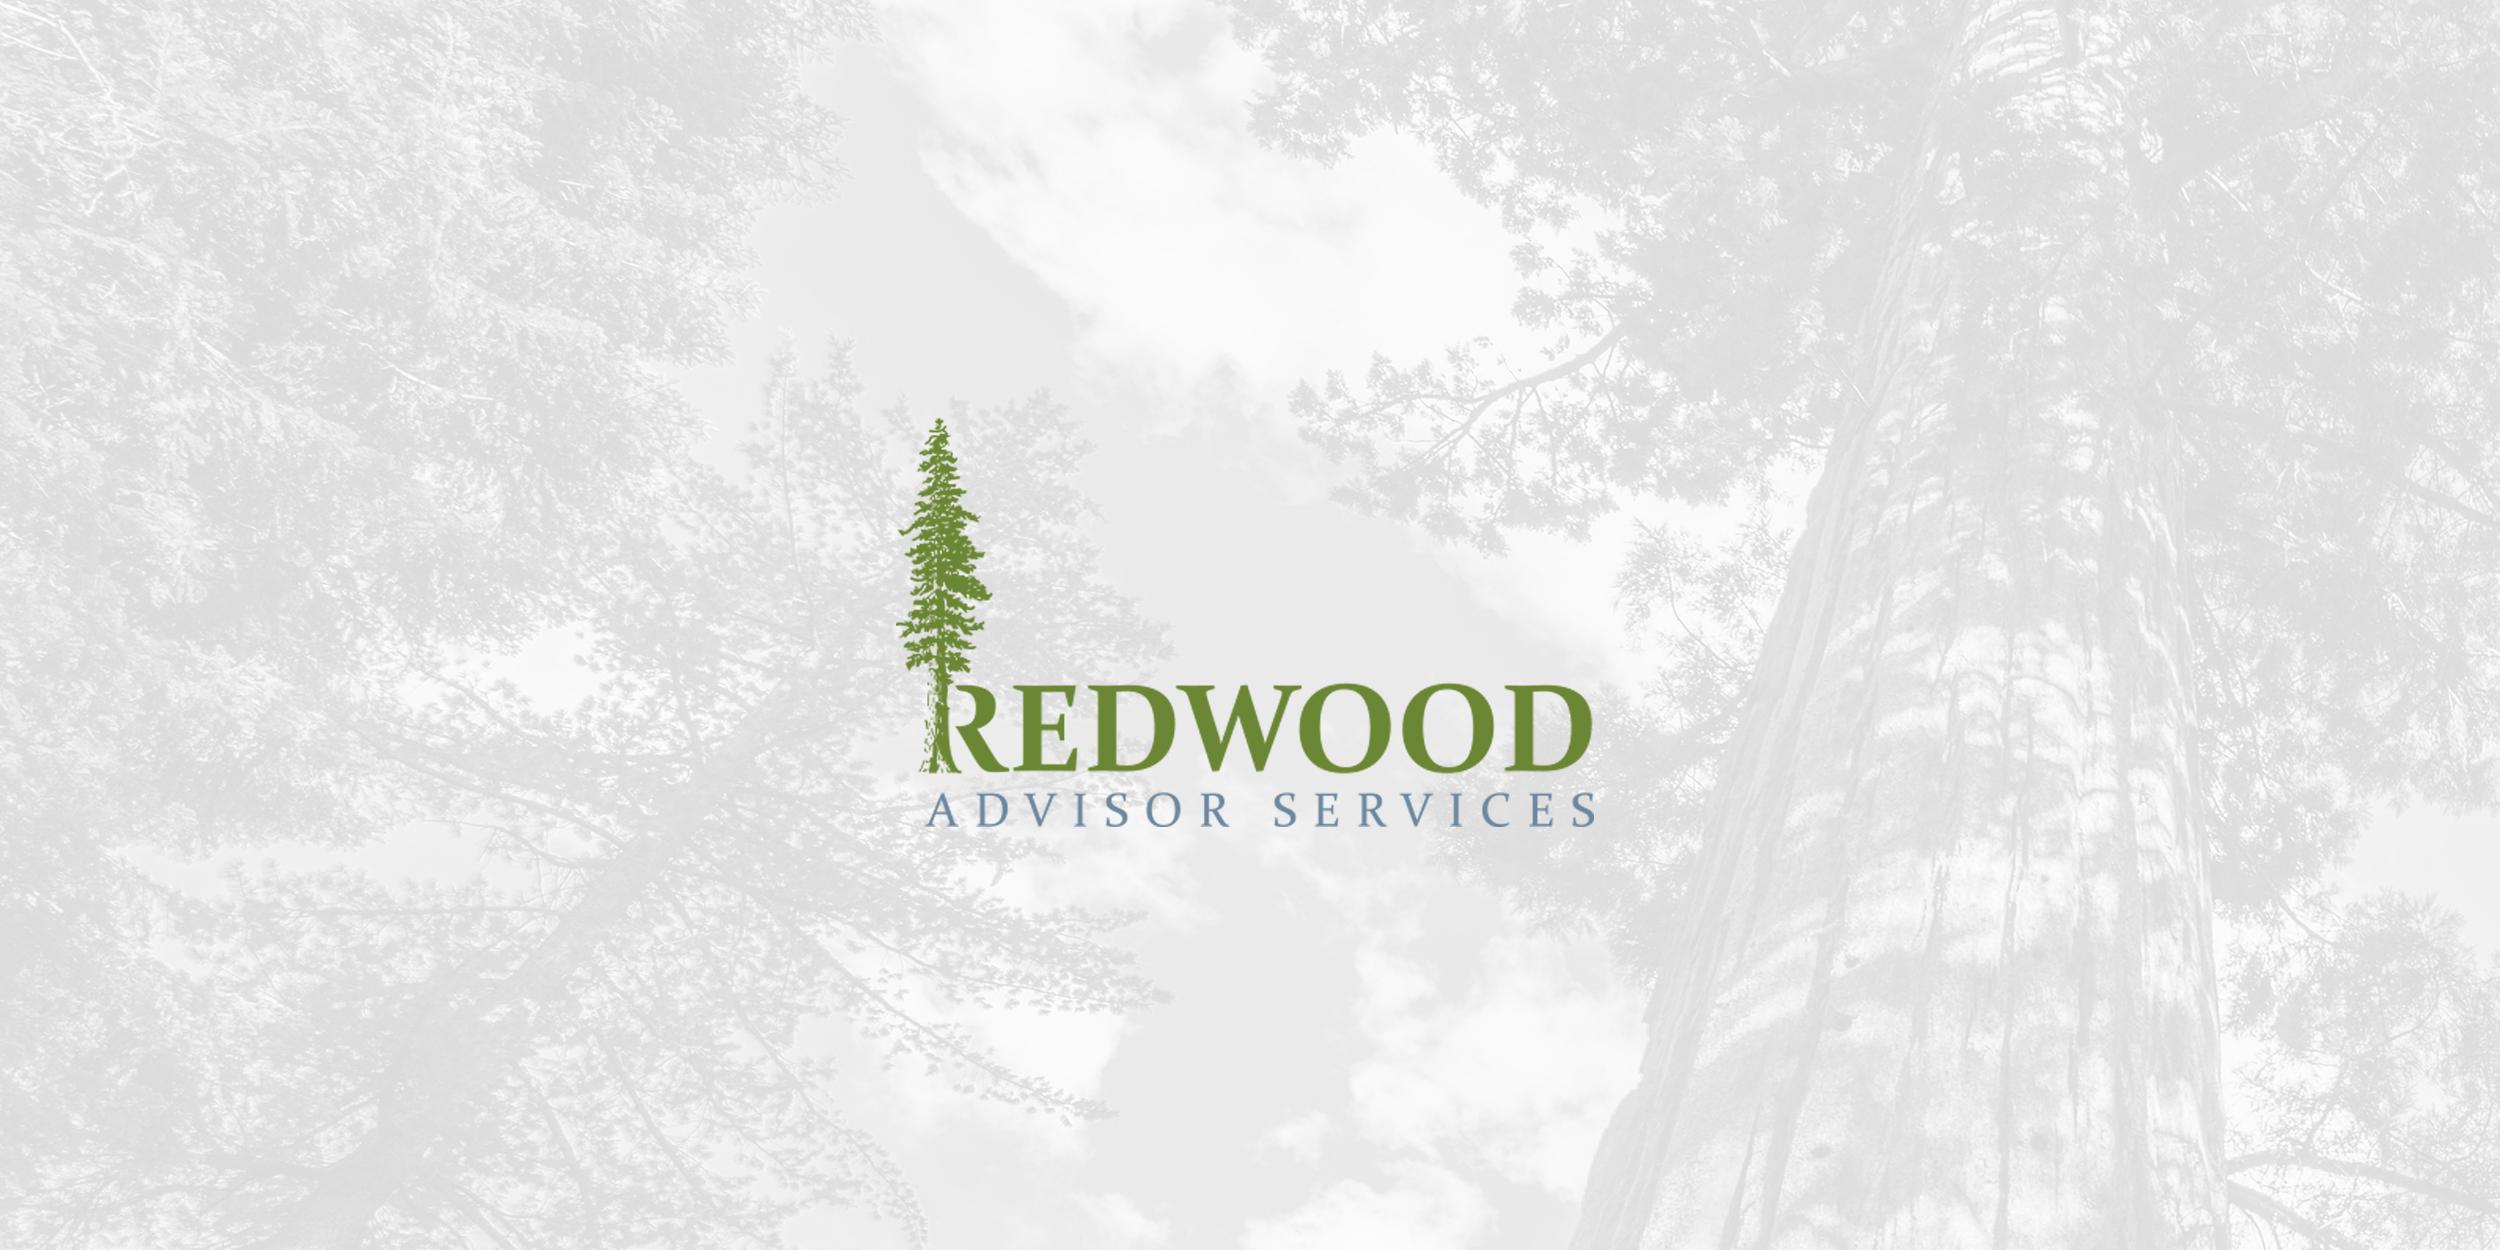 redwood_logo.jpg